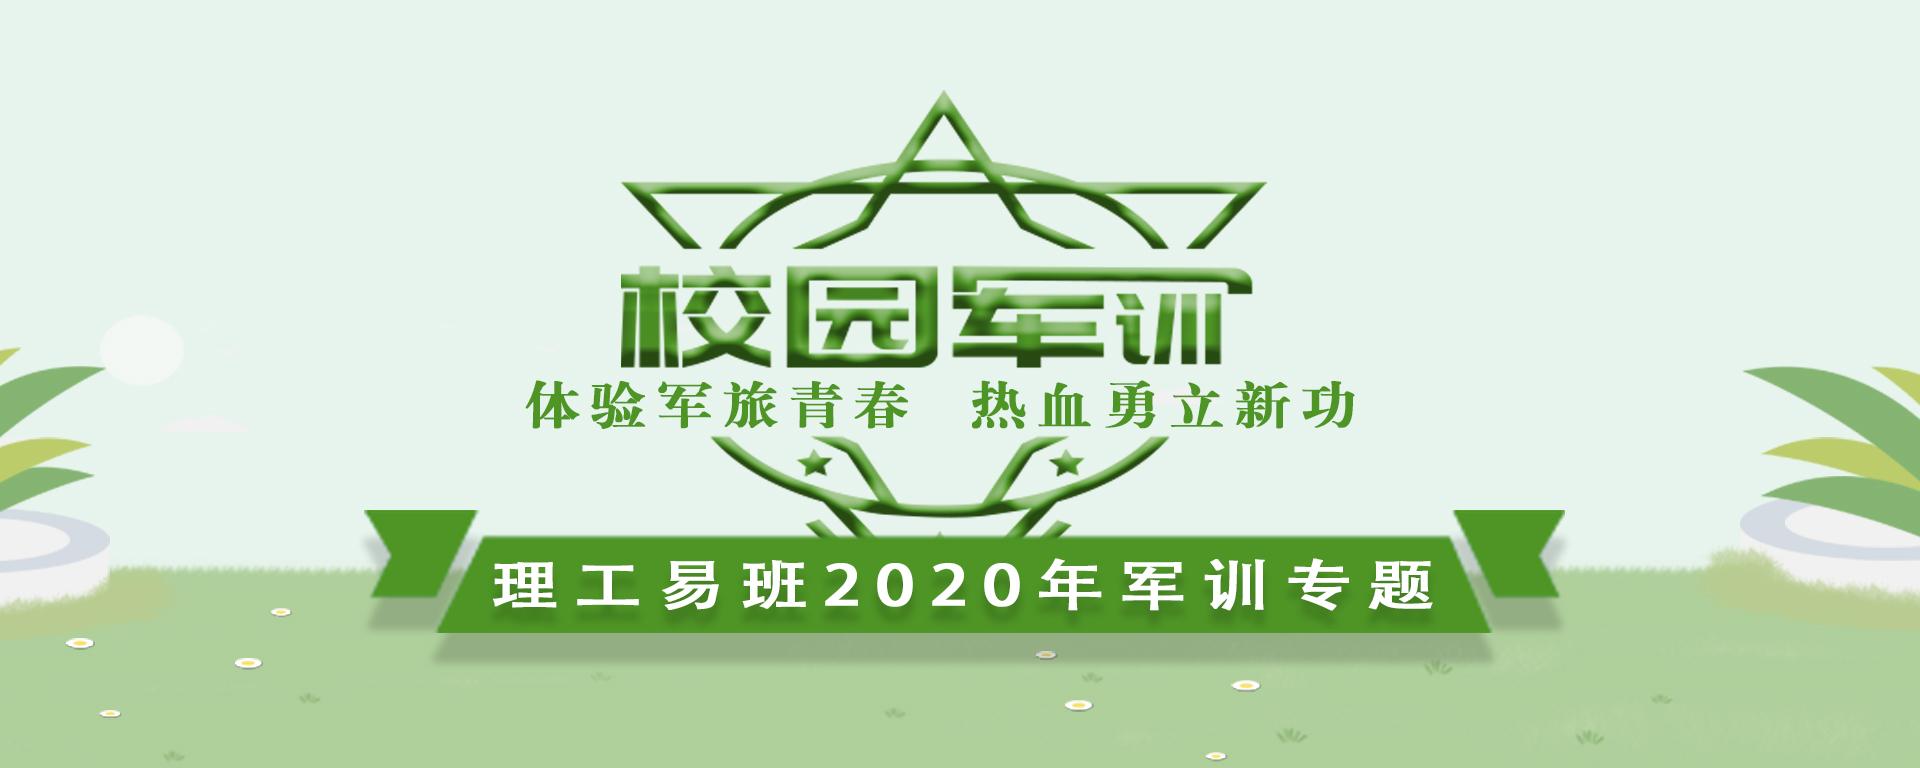 理工易班2020年军训专题